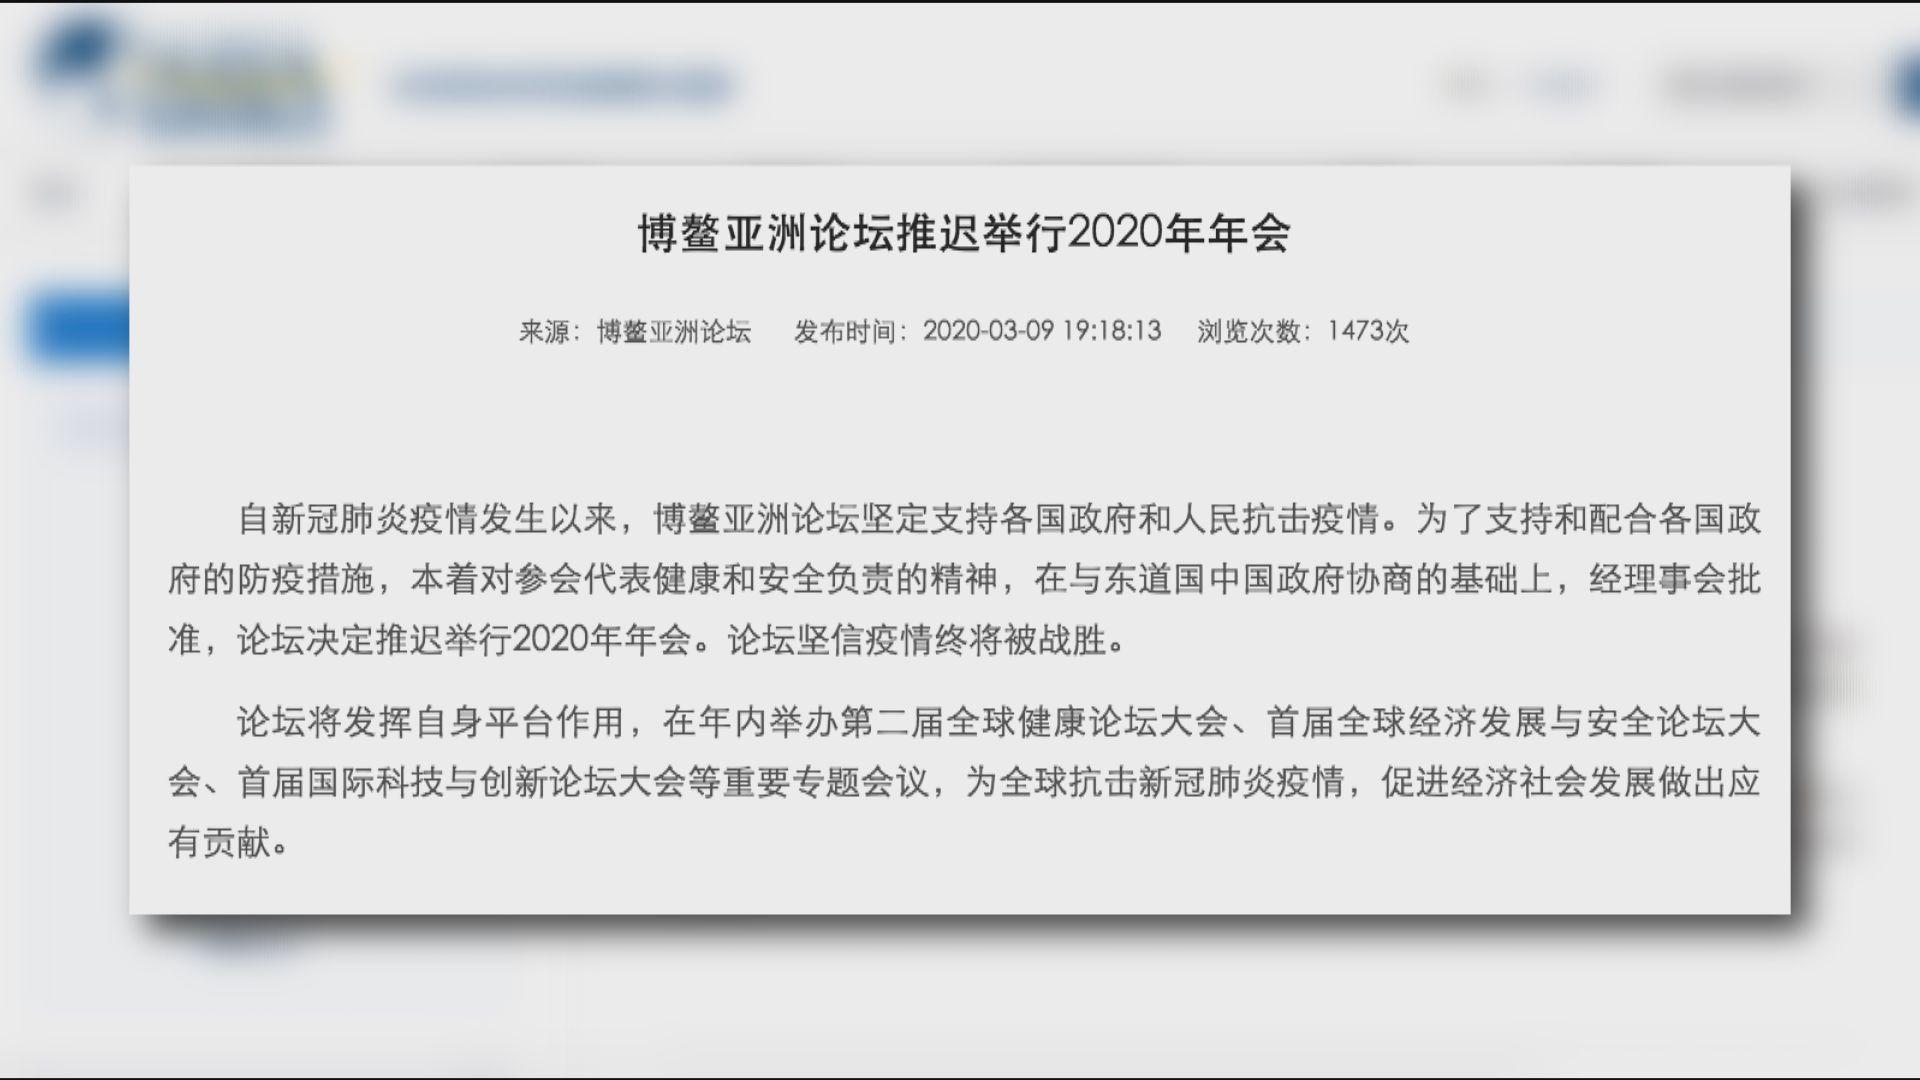 博鰲亞洲論壇因疫情推遲舉行年會